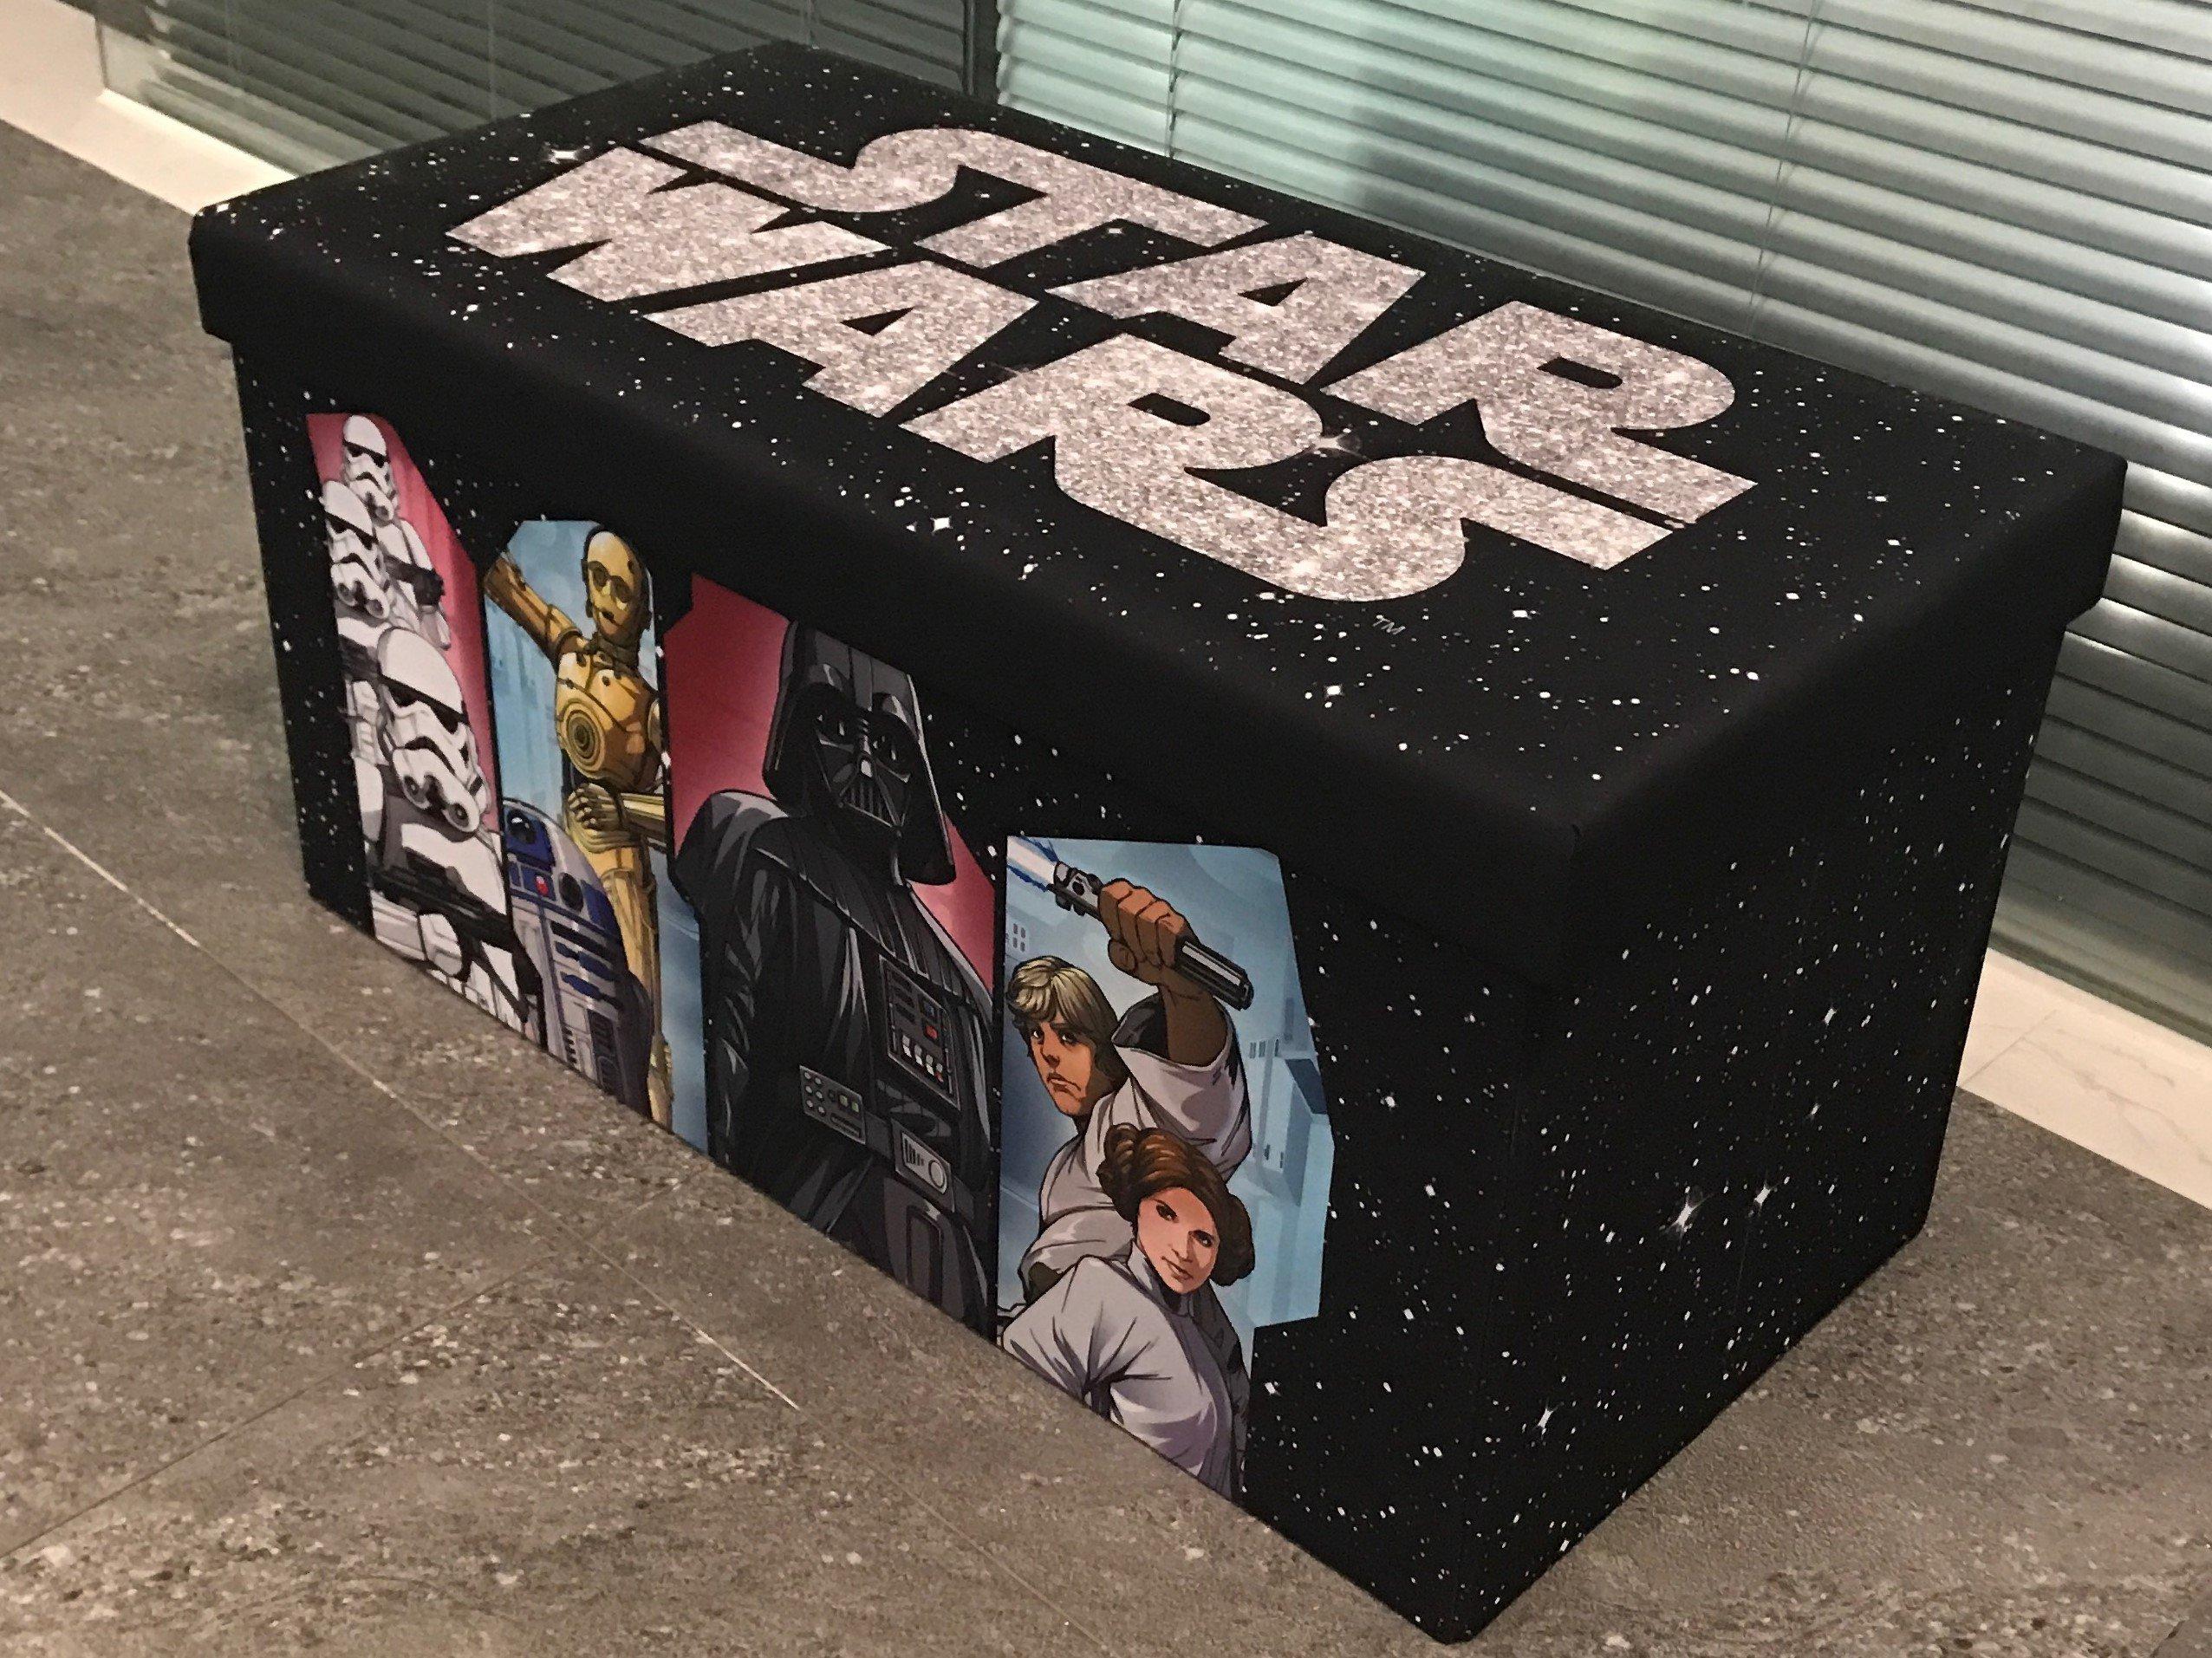 Jurassic World Star Wars Storage Bench